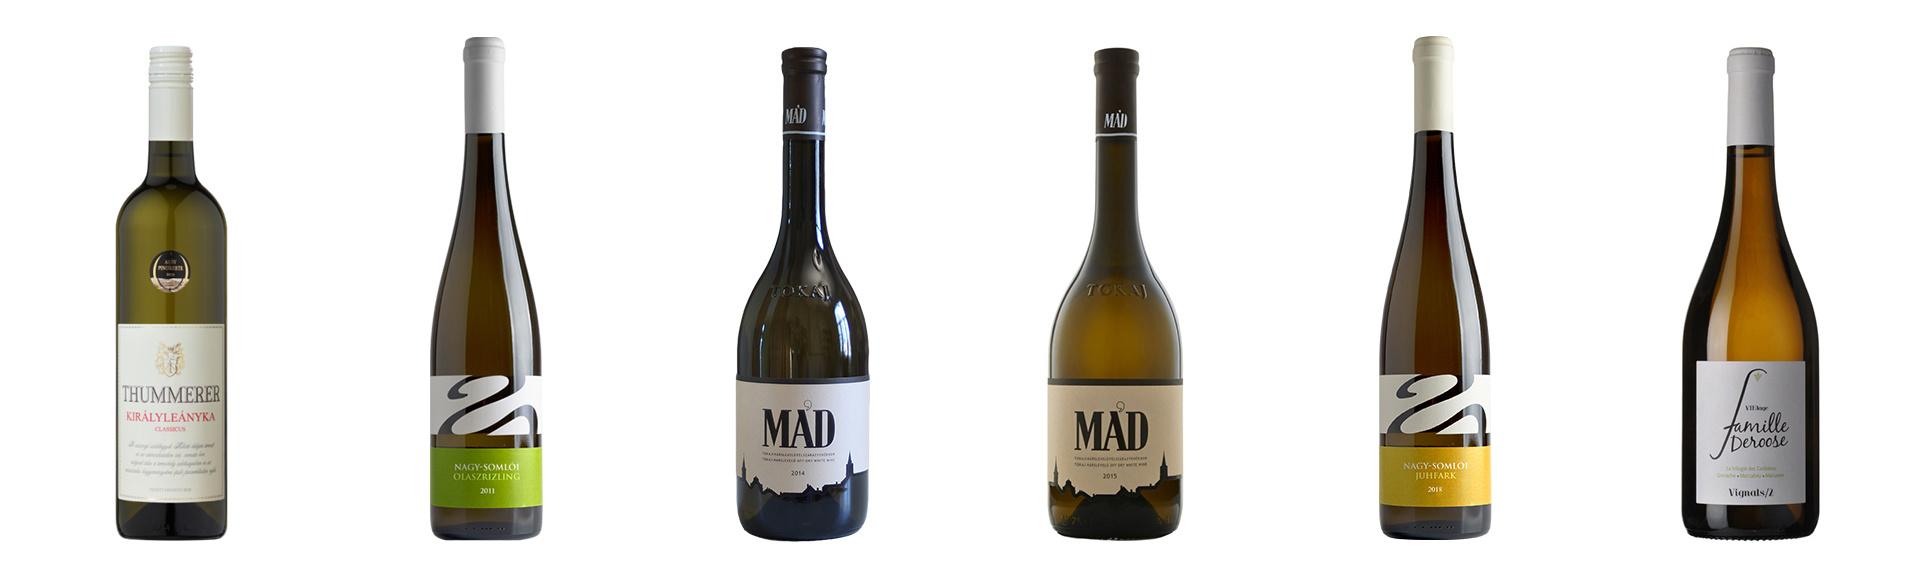 6 frisse witte wijnen